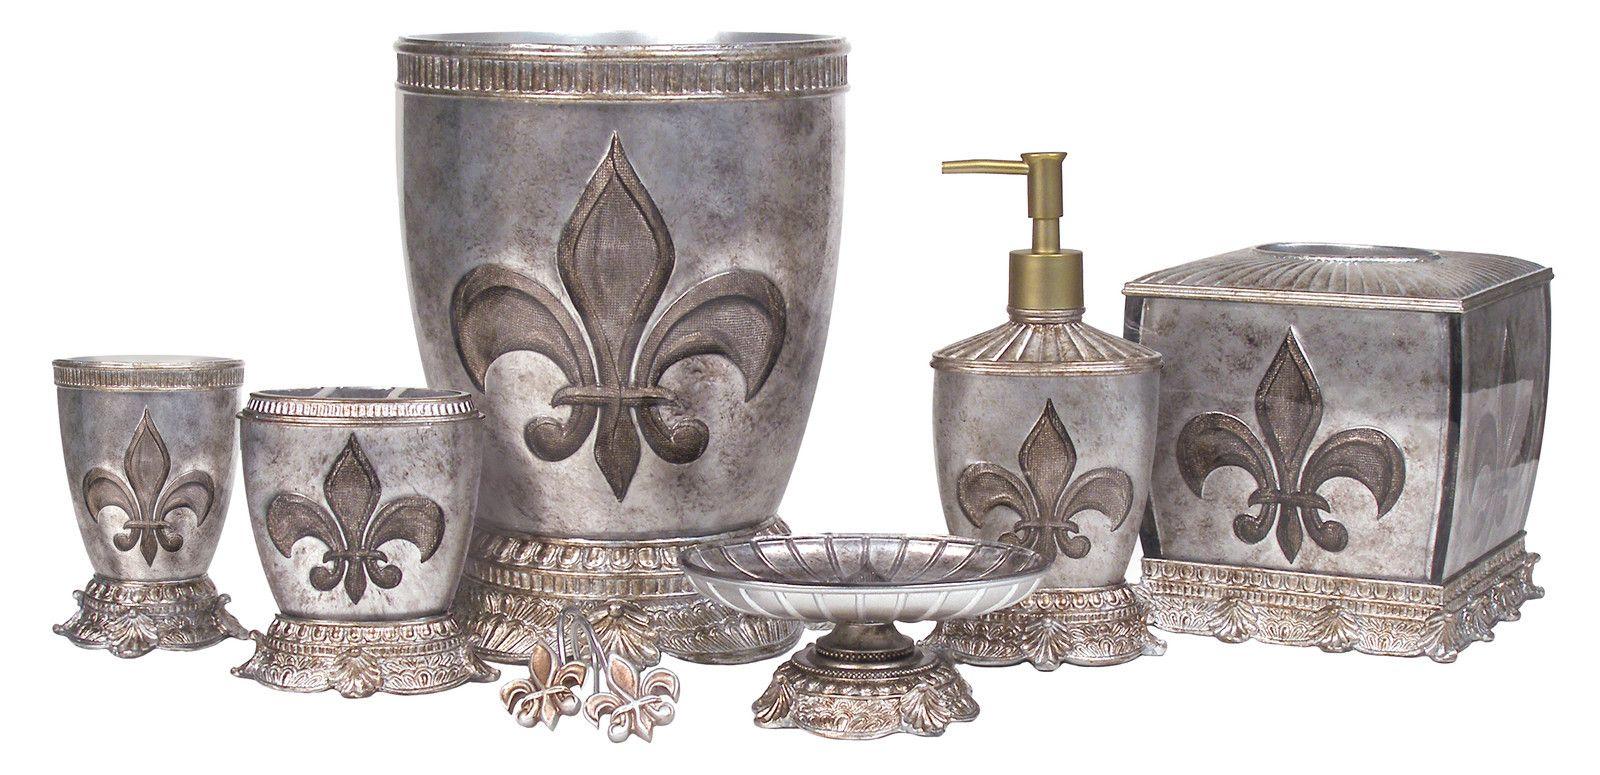 French Flair Luxe Fleur De Lis Bath Accessories Bathroom